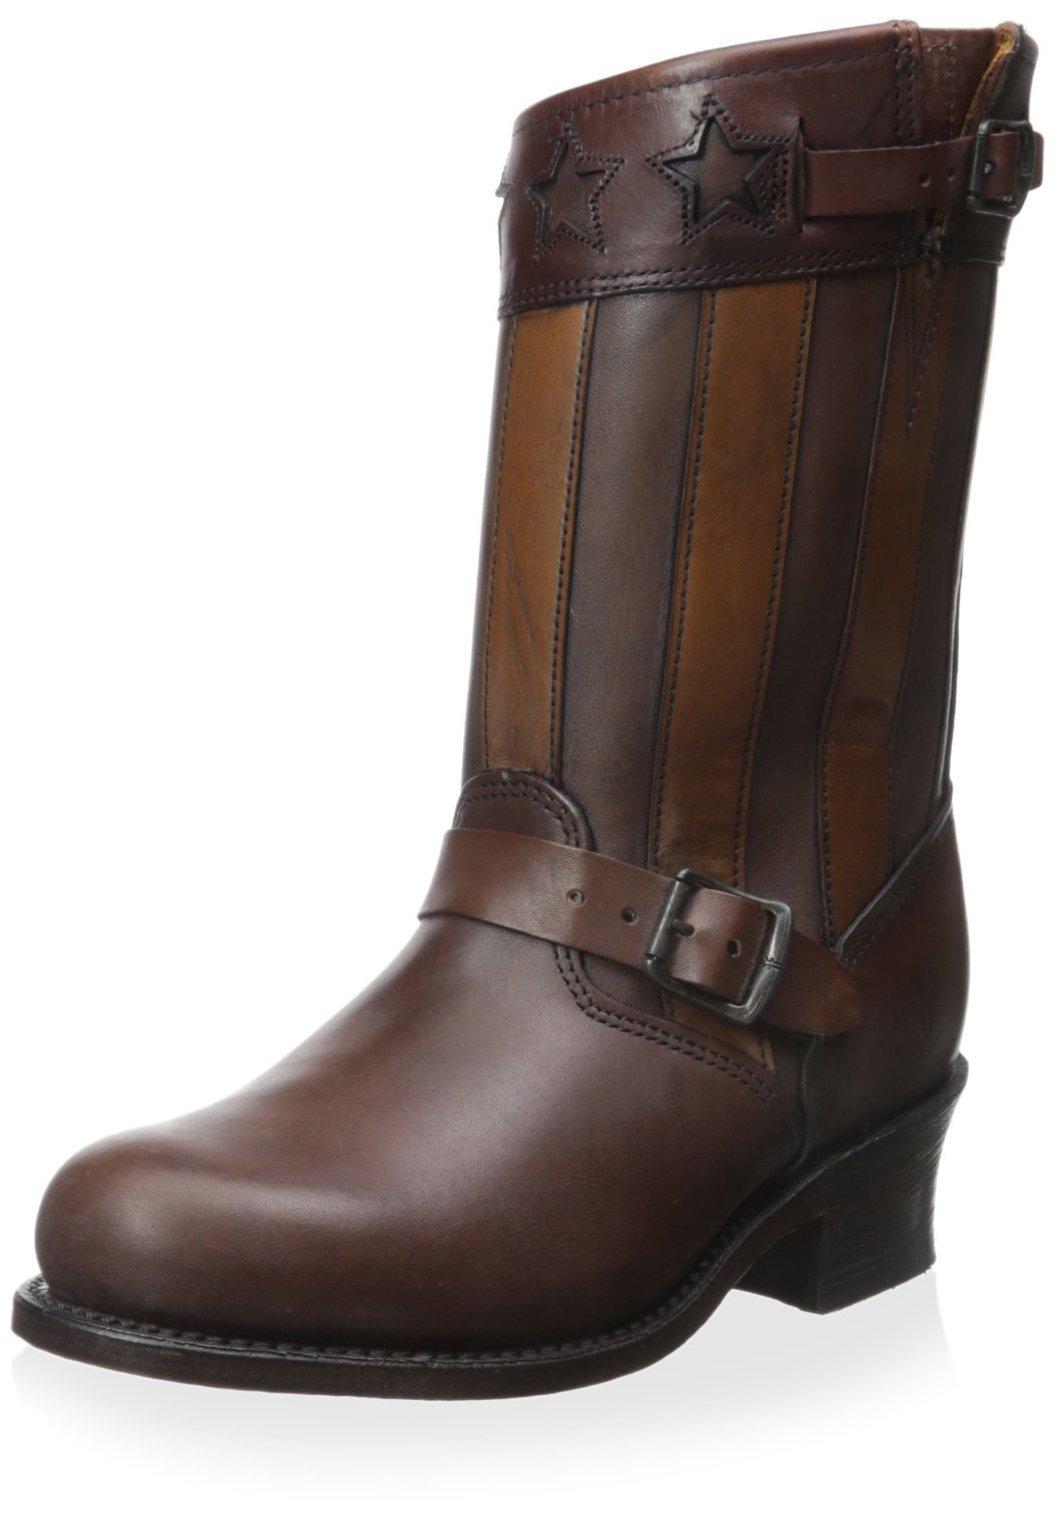 FRYE Women's Engineer Americana Short Boot, Dark Brown, 6.5 M US by FRYE